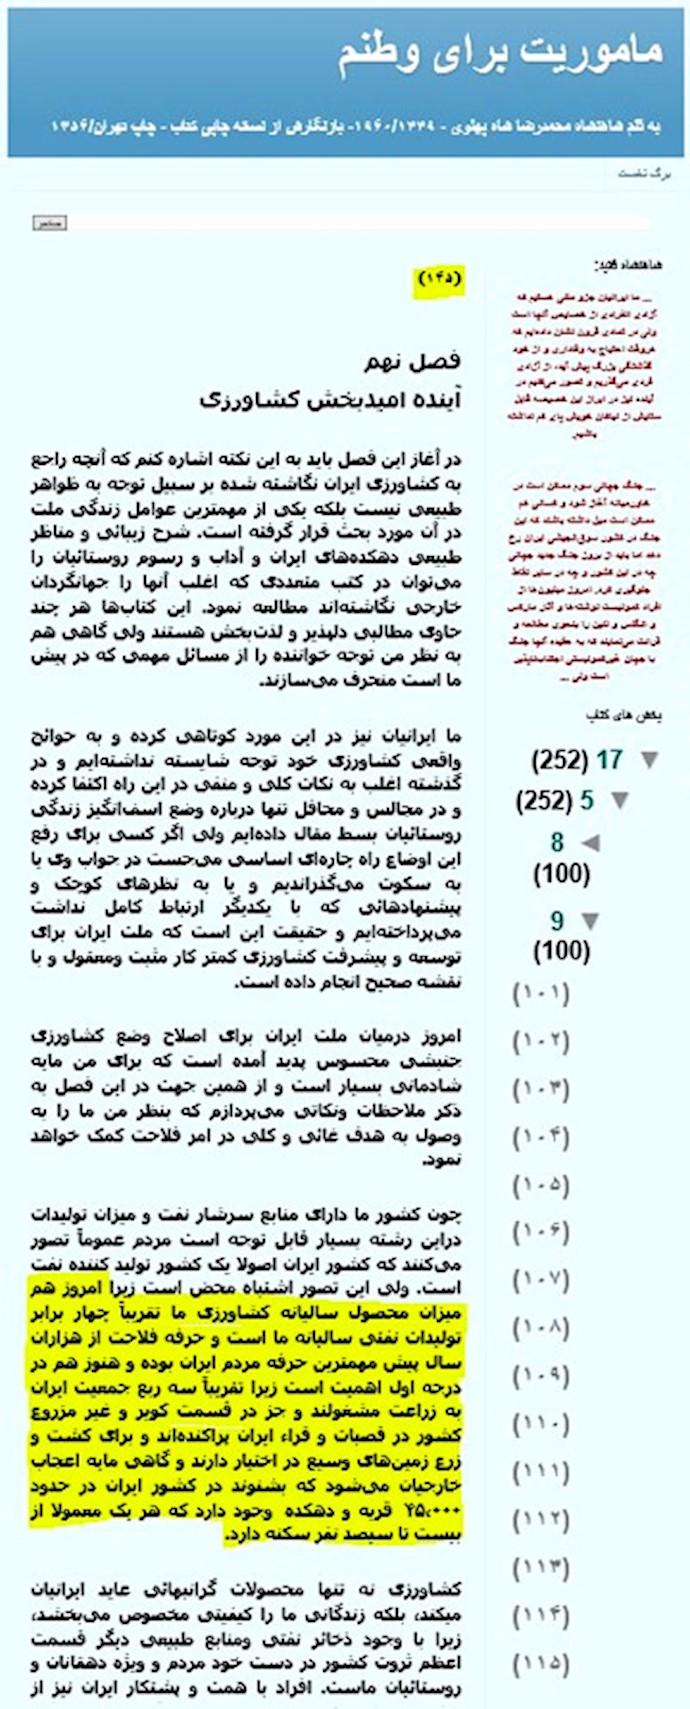 درآمد کشاورزی ایران، ۴برابر درآمدهای نفتی کشور